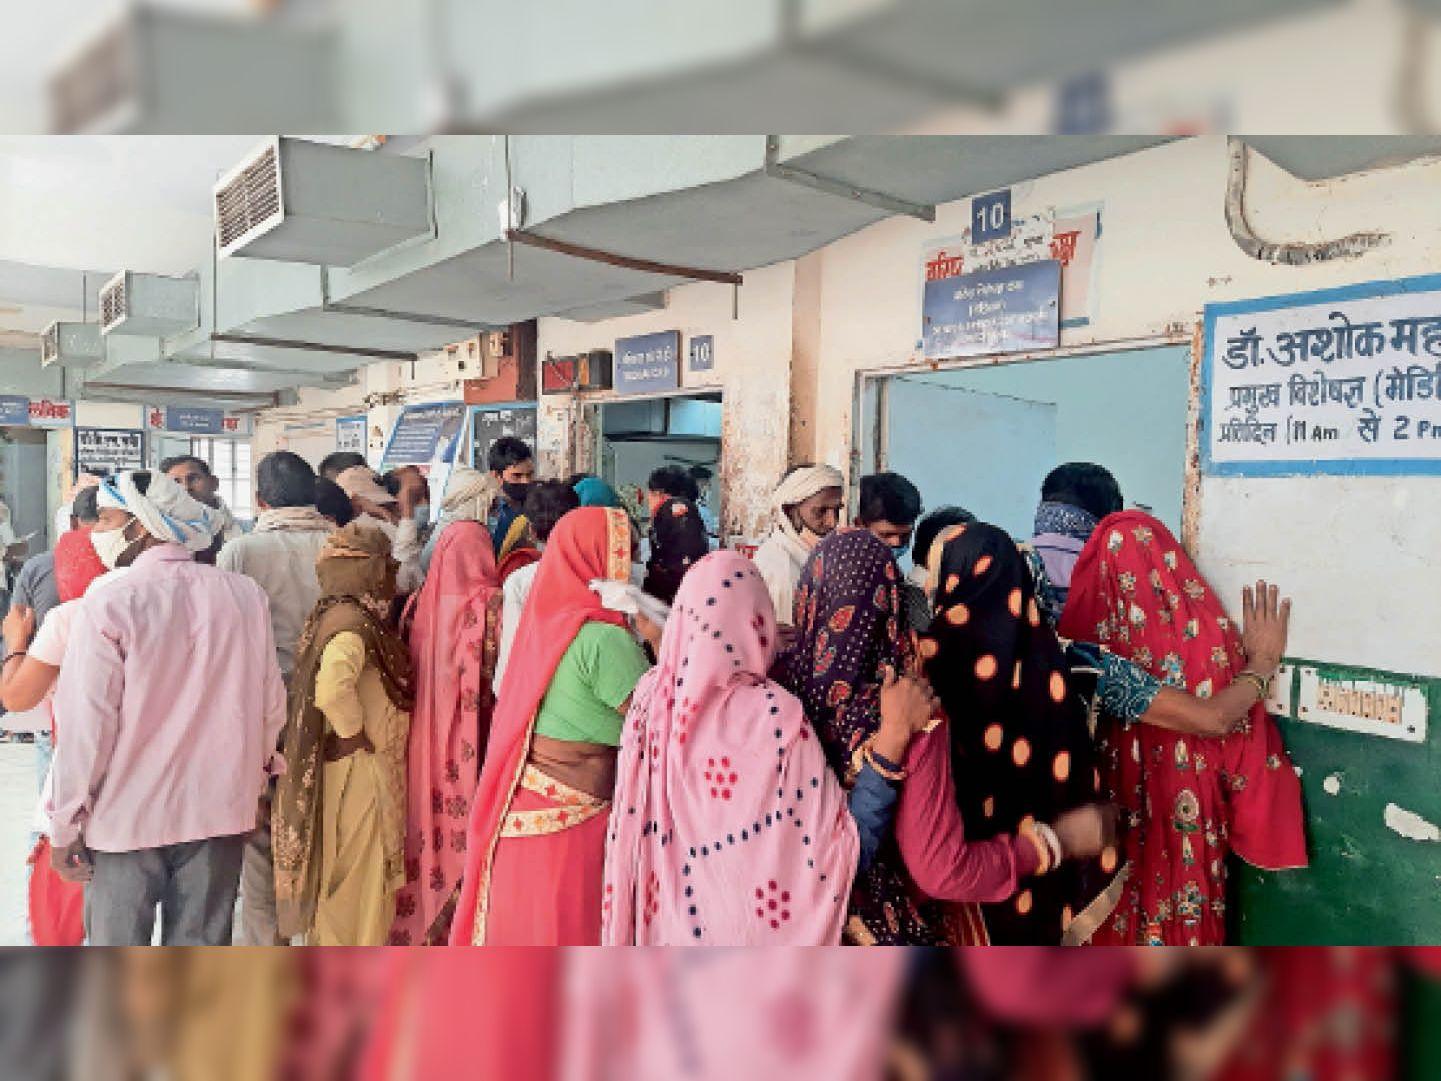 6 दिन से सीबीसी व बायाेकेमिस्ट्री मशीनें खराब, रोज 1 हजार से ज्यादा मरीजों को निजी लैब पर 250 रुपए में करानी पड़ रही जांच|अलवर,Alwar - Dainik Bhaskar